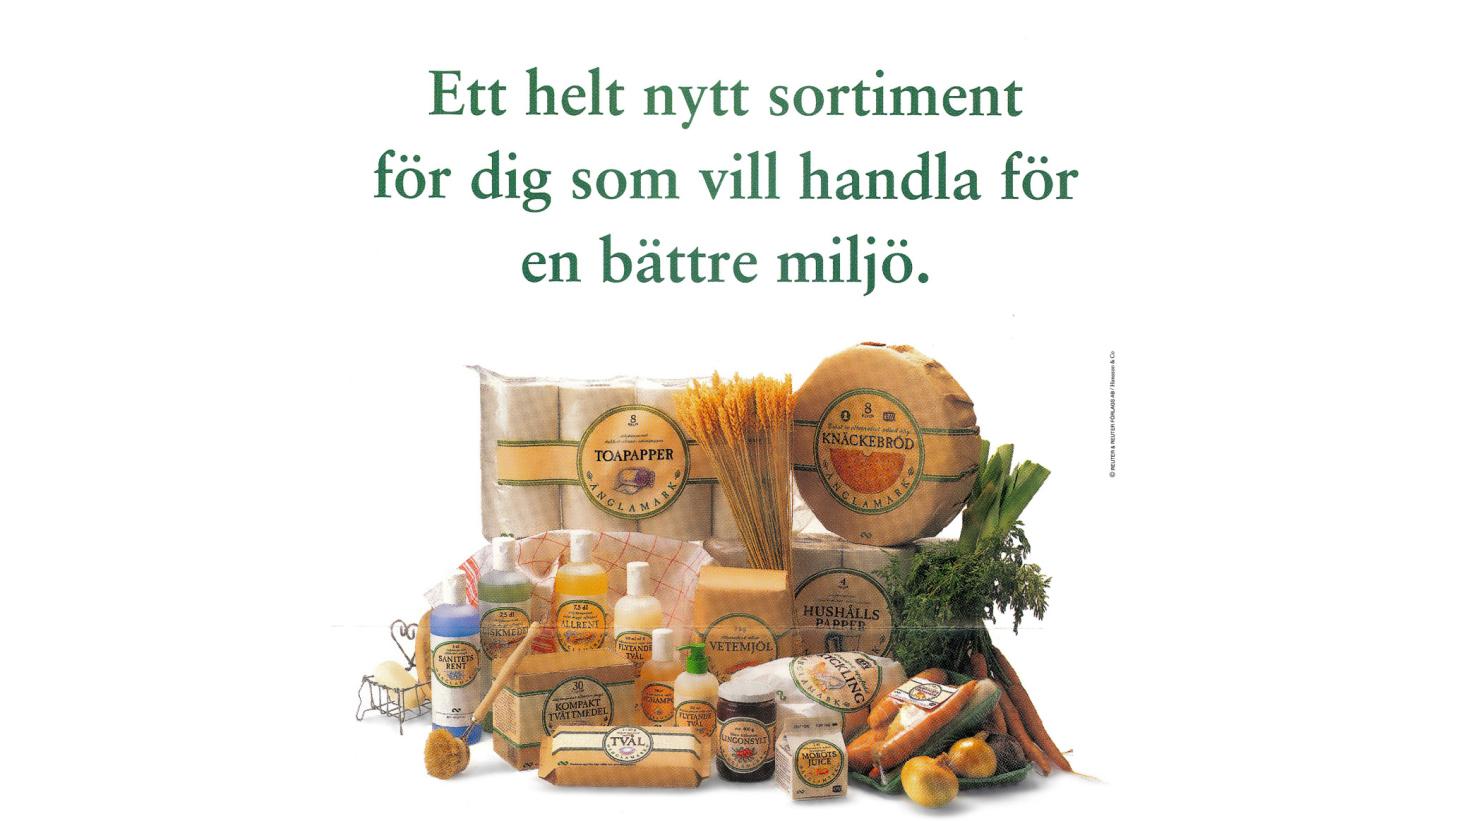 Sveriges grönaste varumärke fyller 25